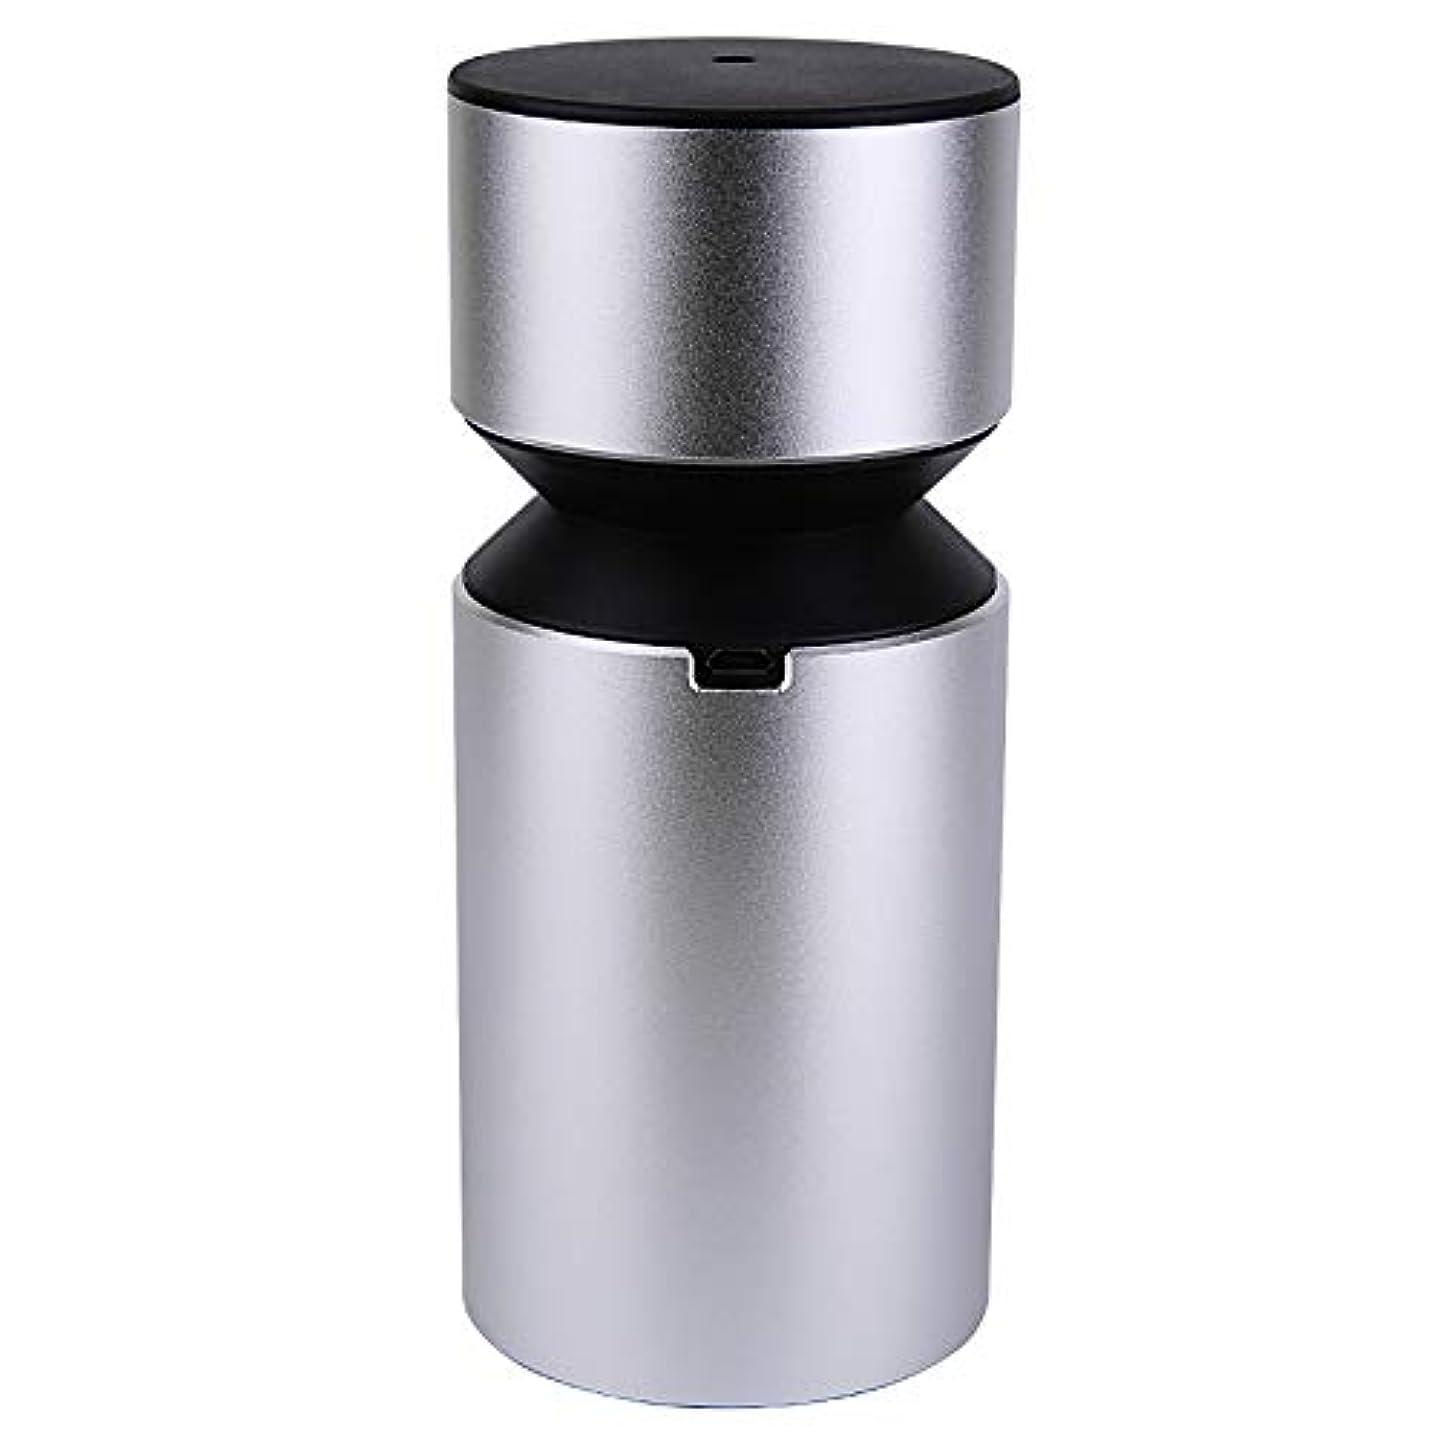 洗剤努力にんじんアロマディフューザー 車載用 ネブライザー式 充電式 静音 精油瓶1個スポイト付きT11-ENS068N (シルバー)